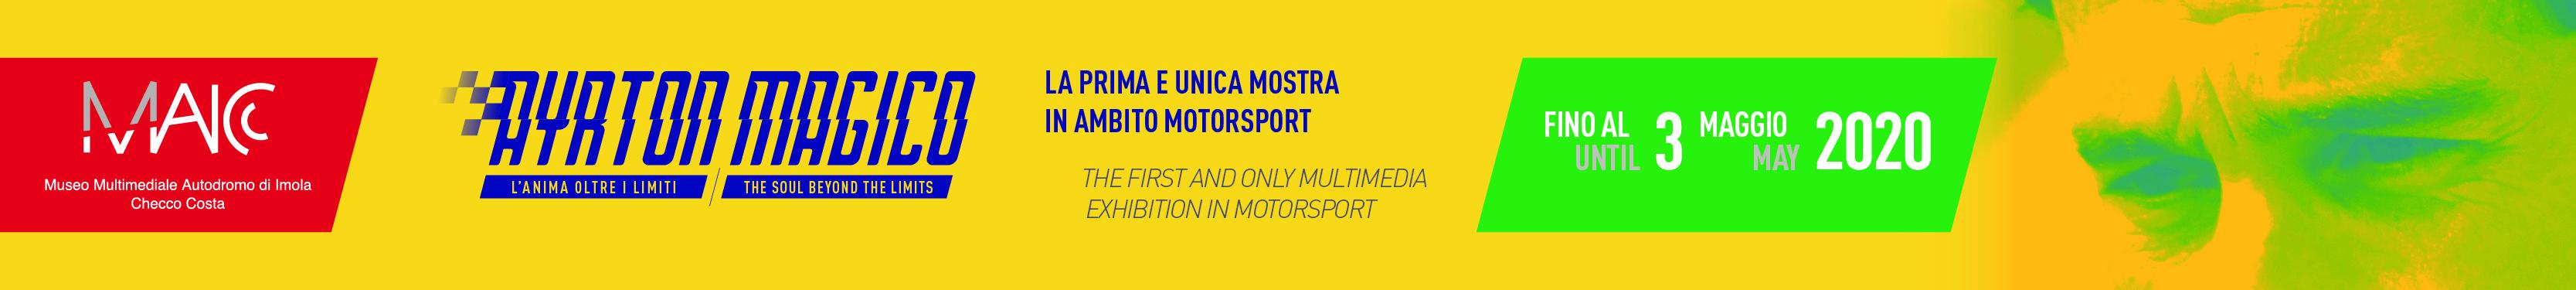 MAICC Museo Multimediale Autodromo di Imola